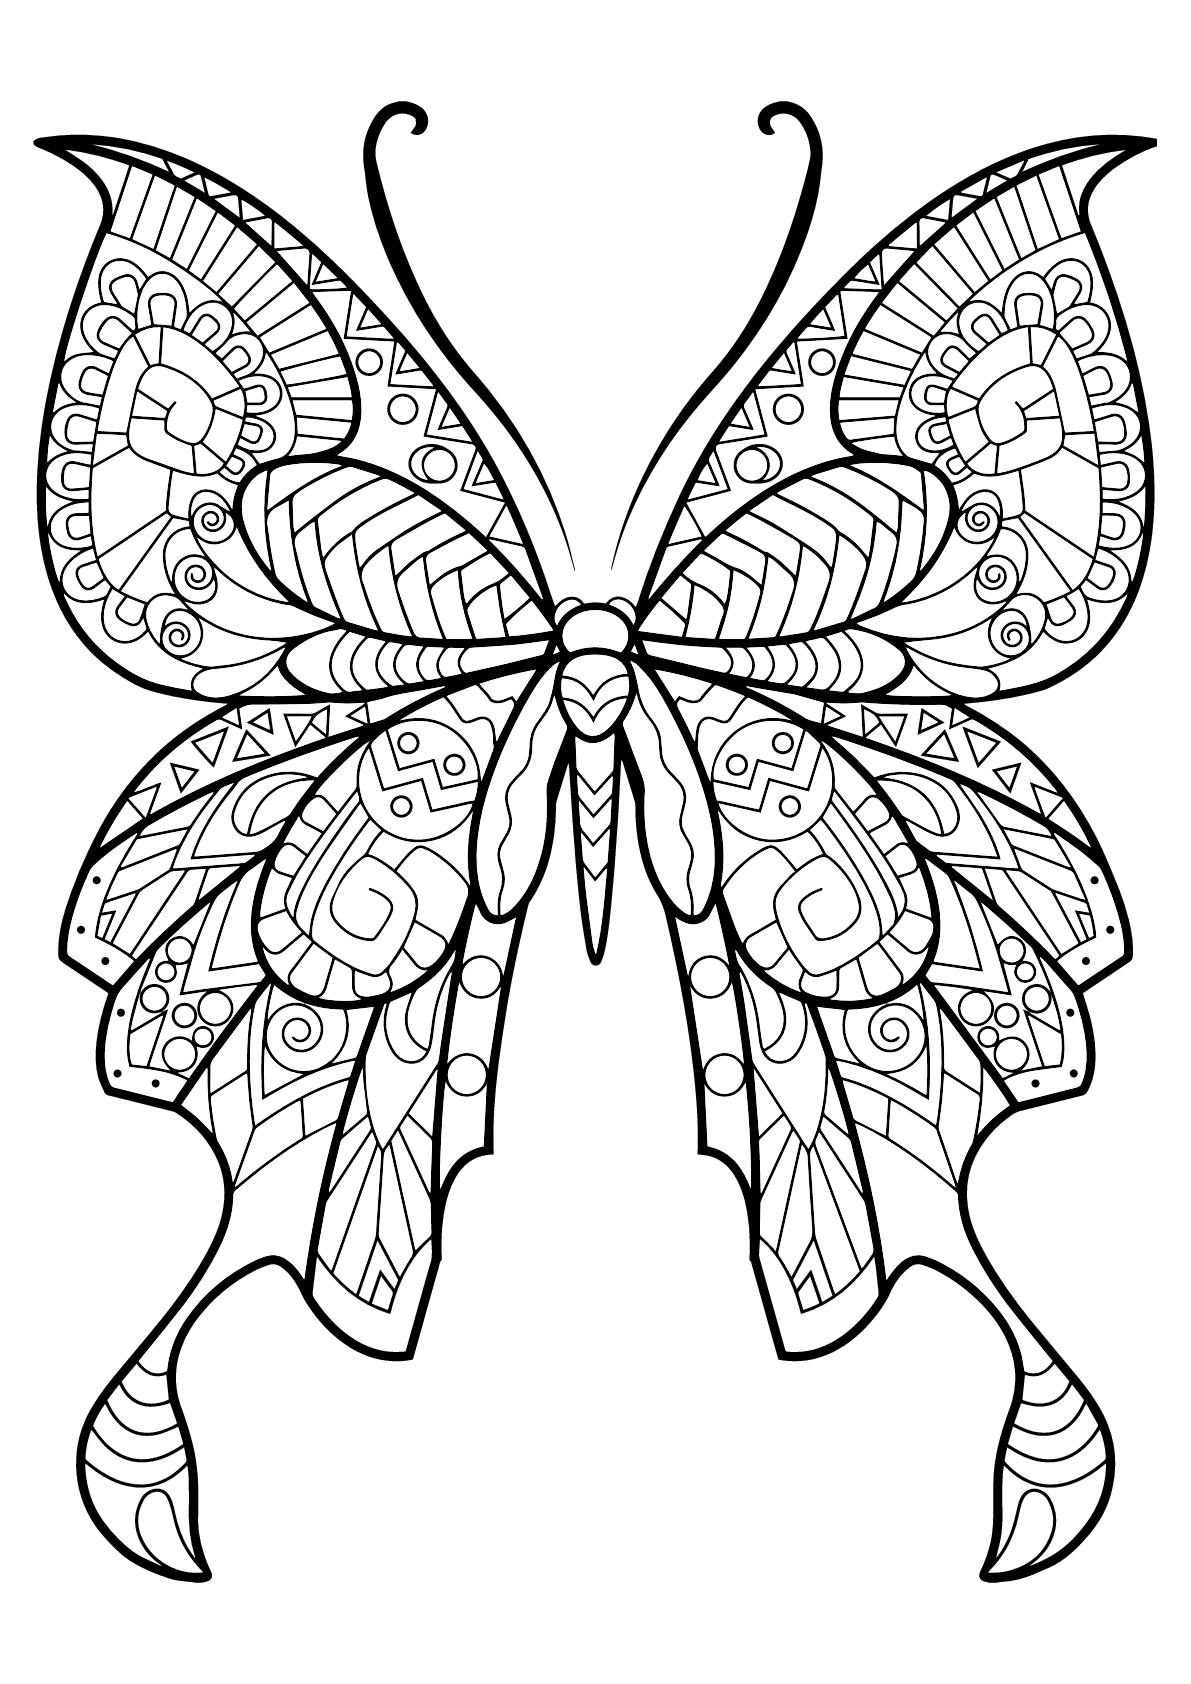 Insectos 93133 - Mariposas e insectos - Colorear para adultos